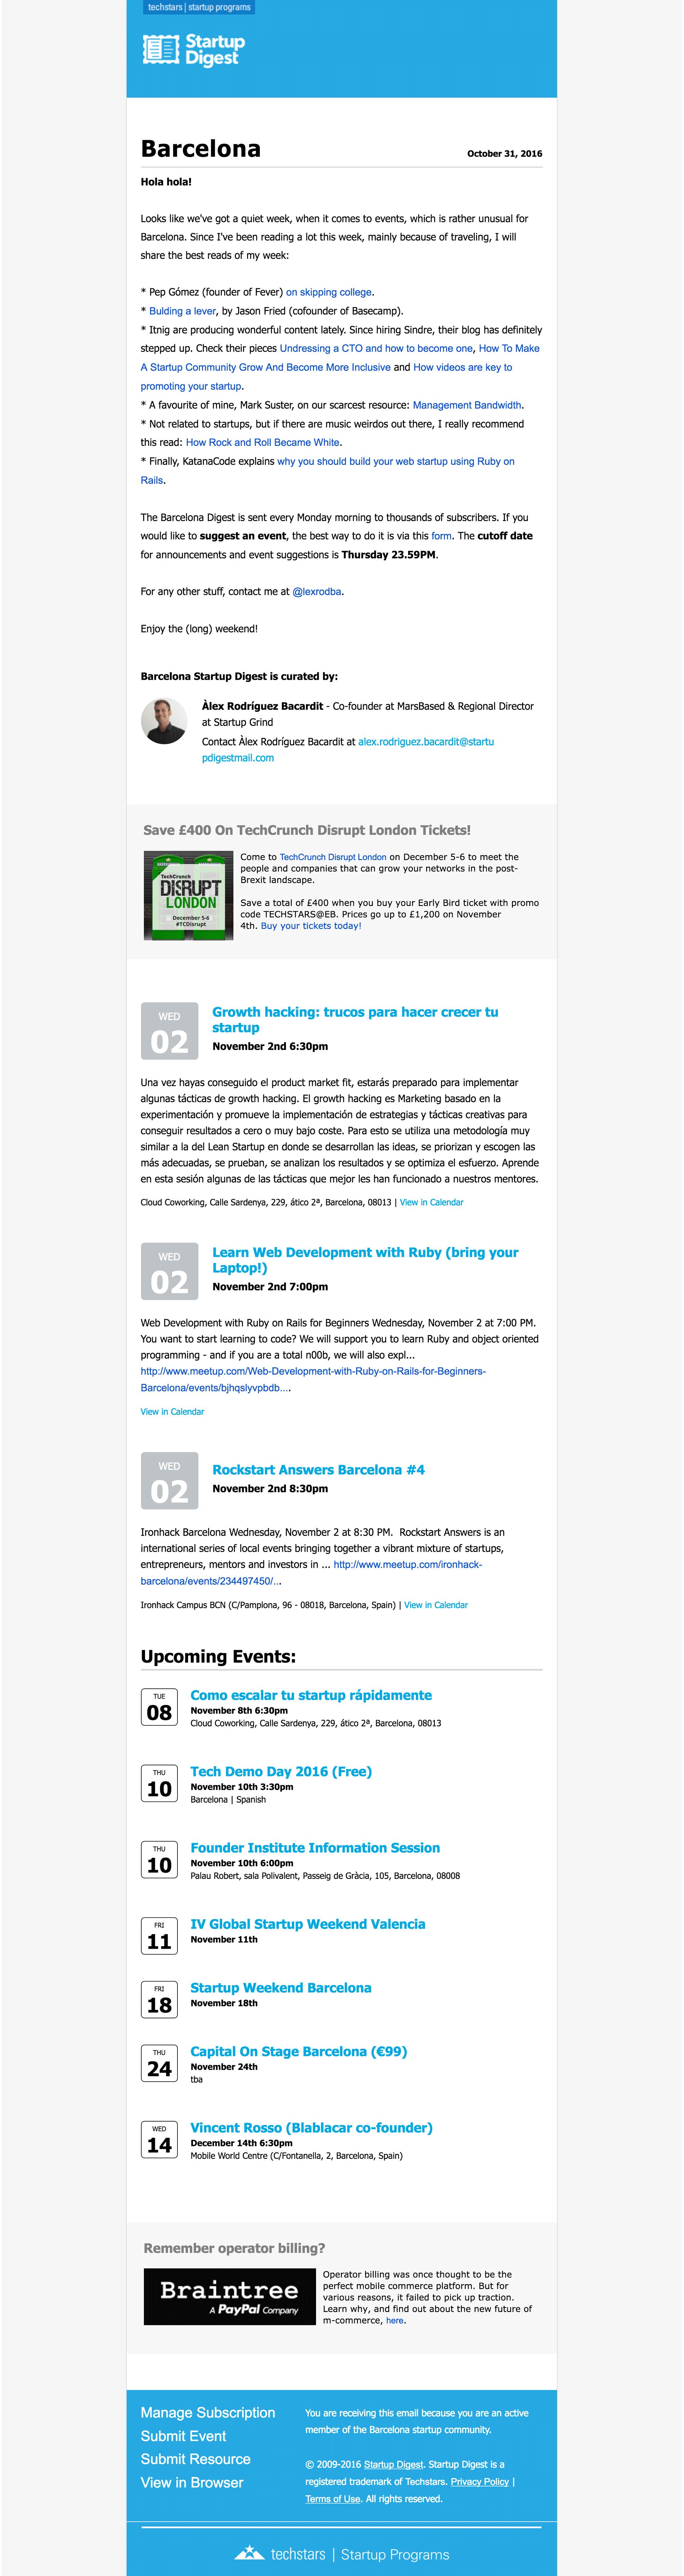 Startup Digest newsletter